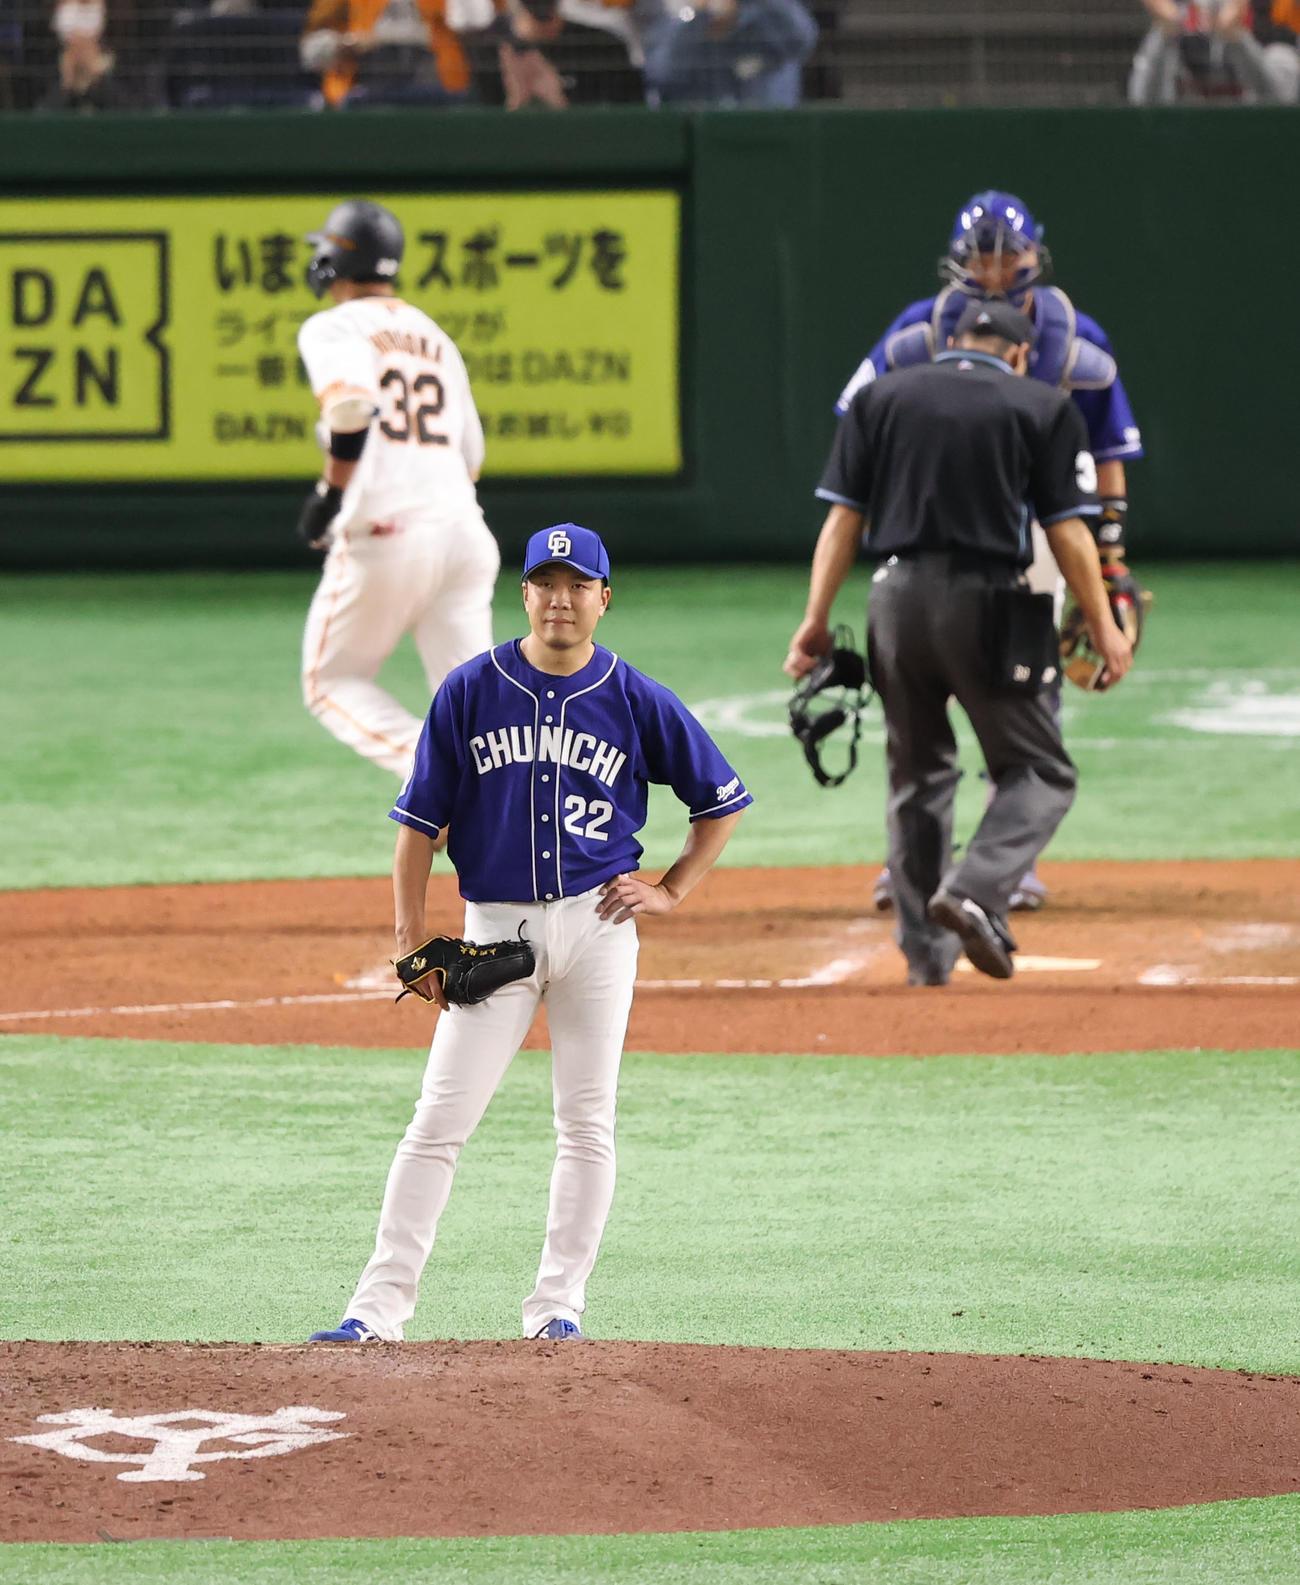 巨人対中日 7回裏巨人2死、広岡(32番)にソロ本塁打を浴びぼうぜんとスコアボードを見つめる大野雄(撮影・垰建太)